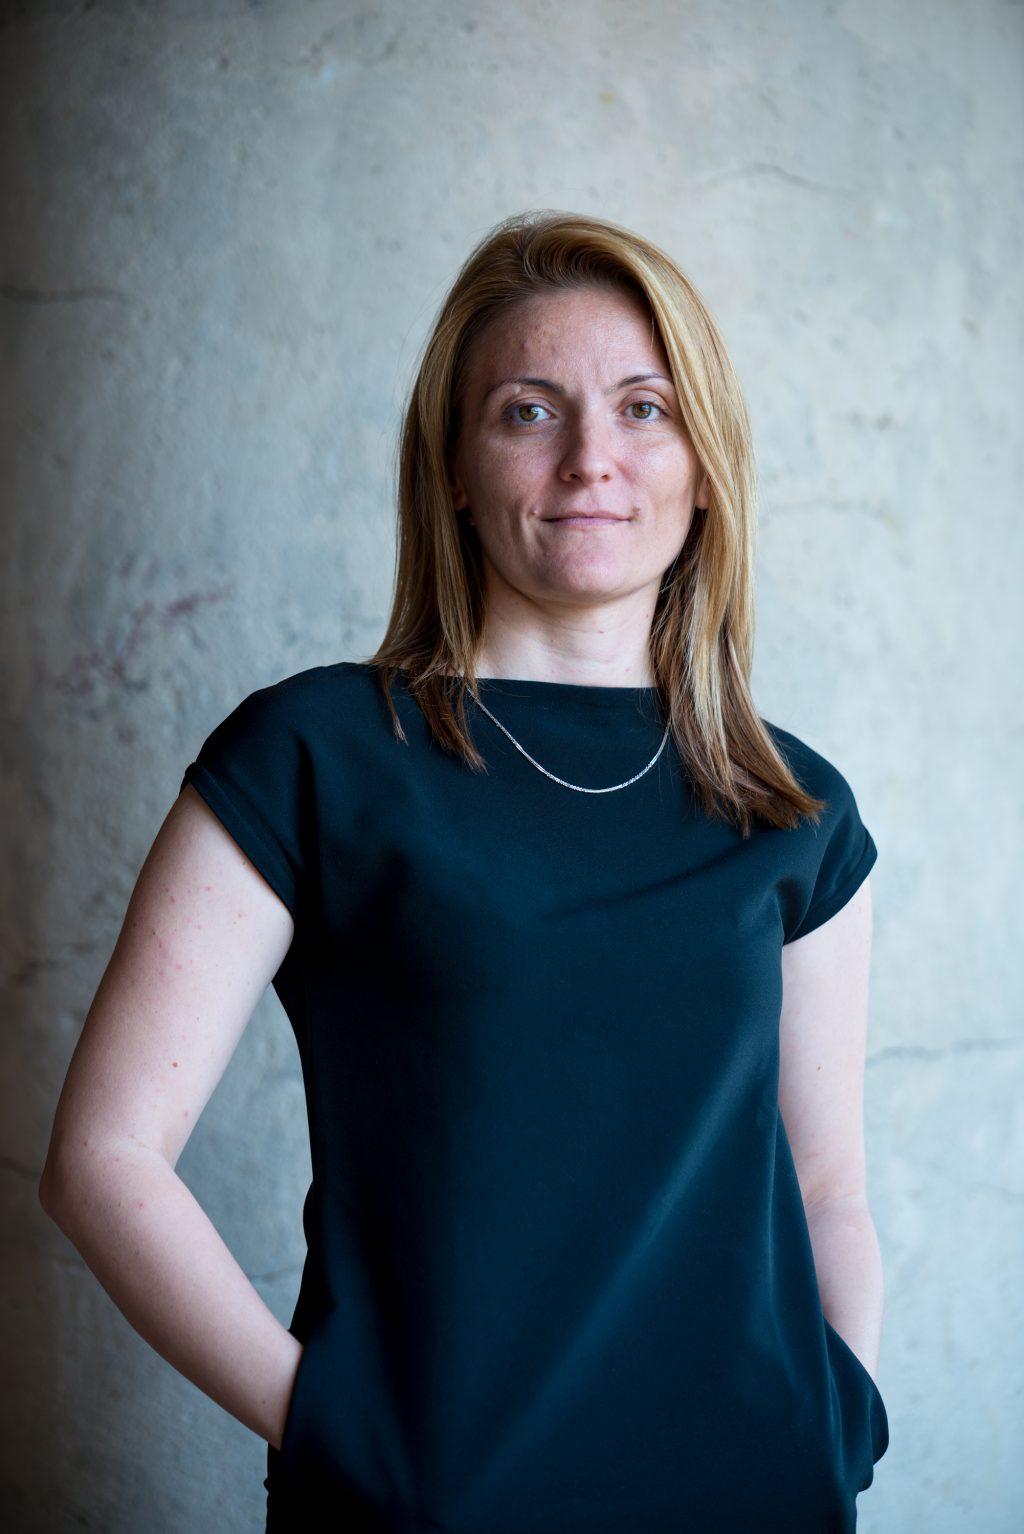 Zorana Jurić este noul Senior Marketing Manager pentru Europa de Est la Kaspersky Lab